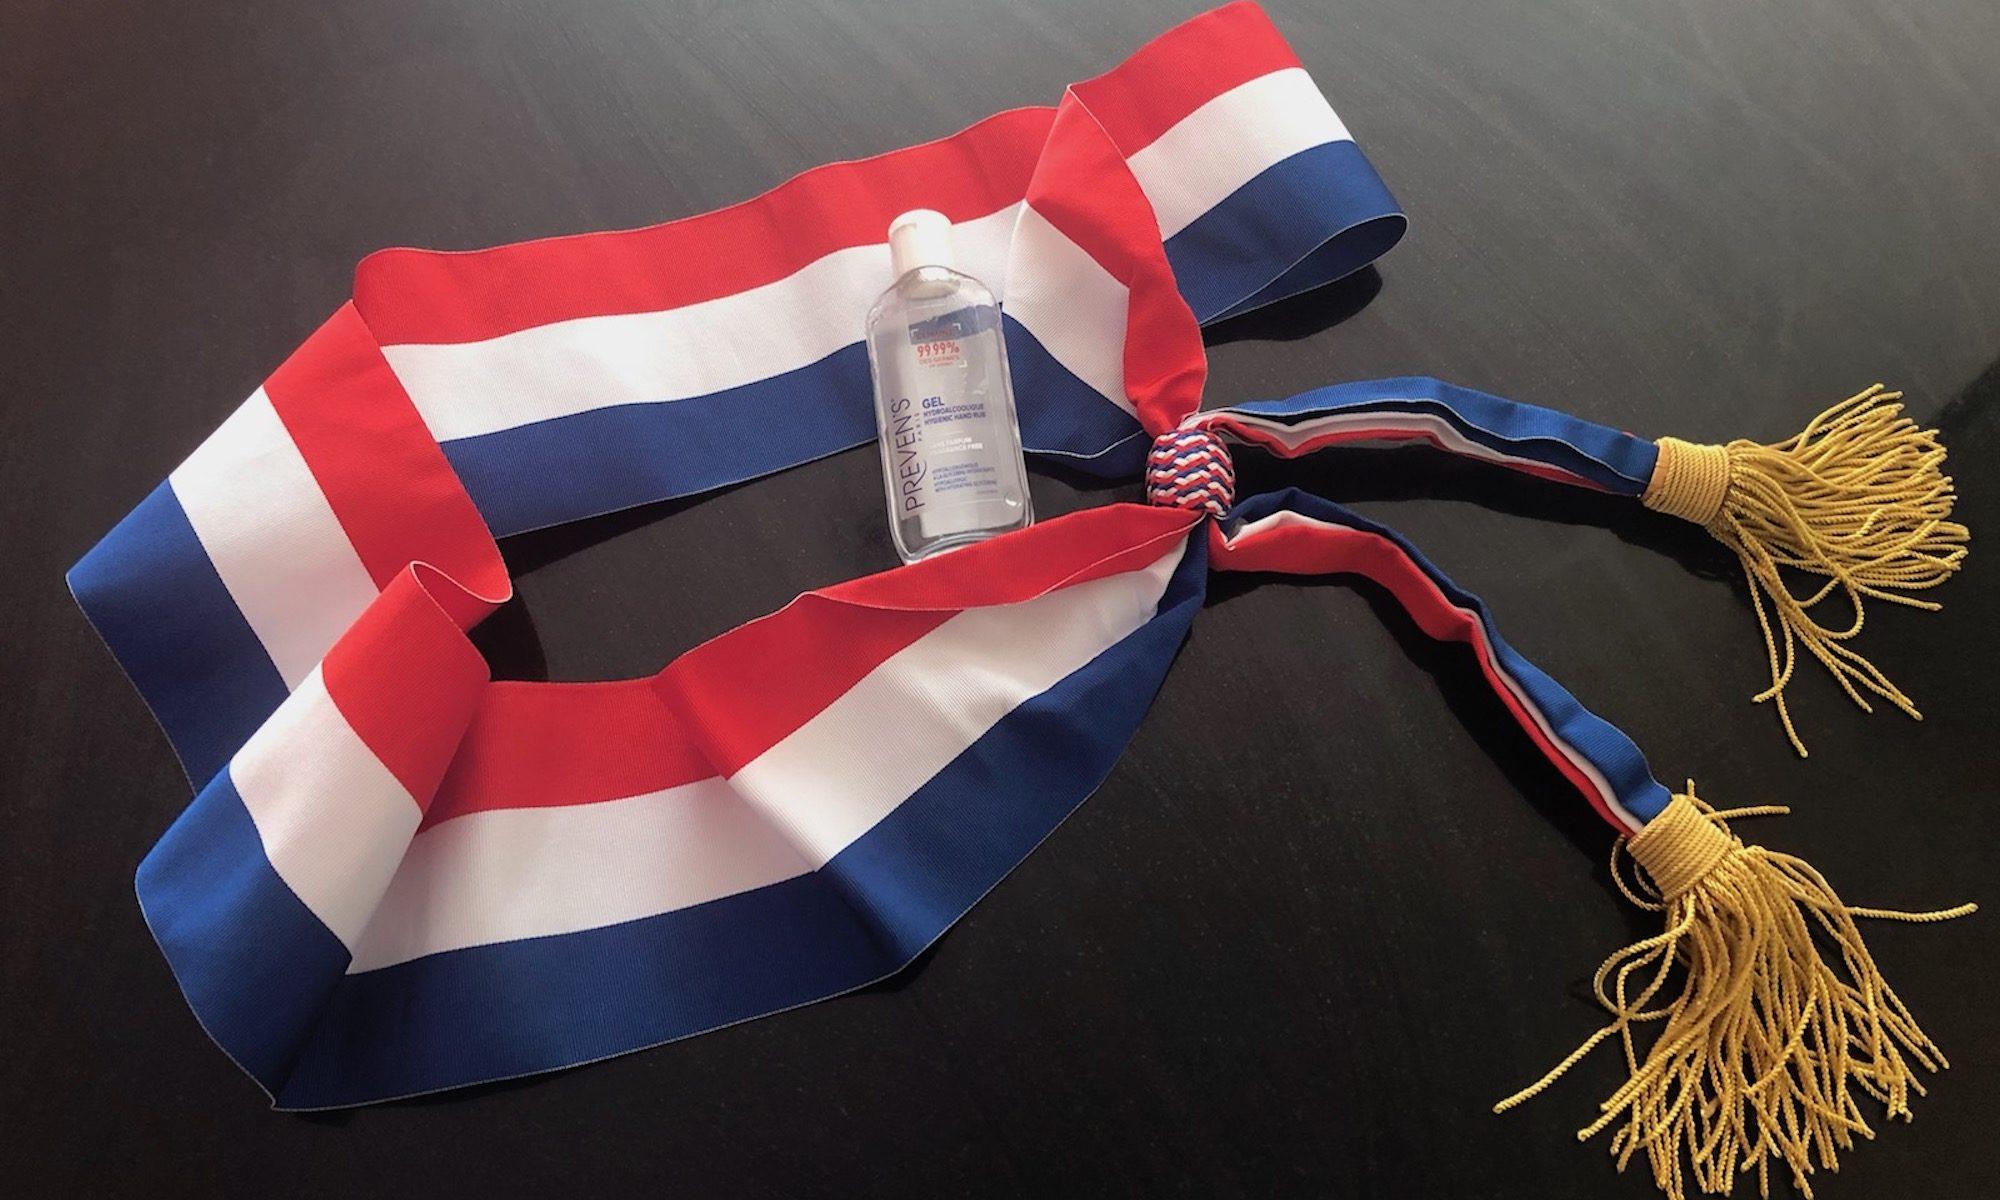 Flacon de gel hydroalcoolique et écharpe tricolore. CC-by-4.0 par Michelle Meunier